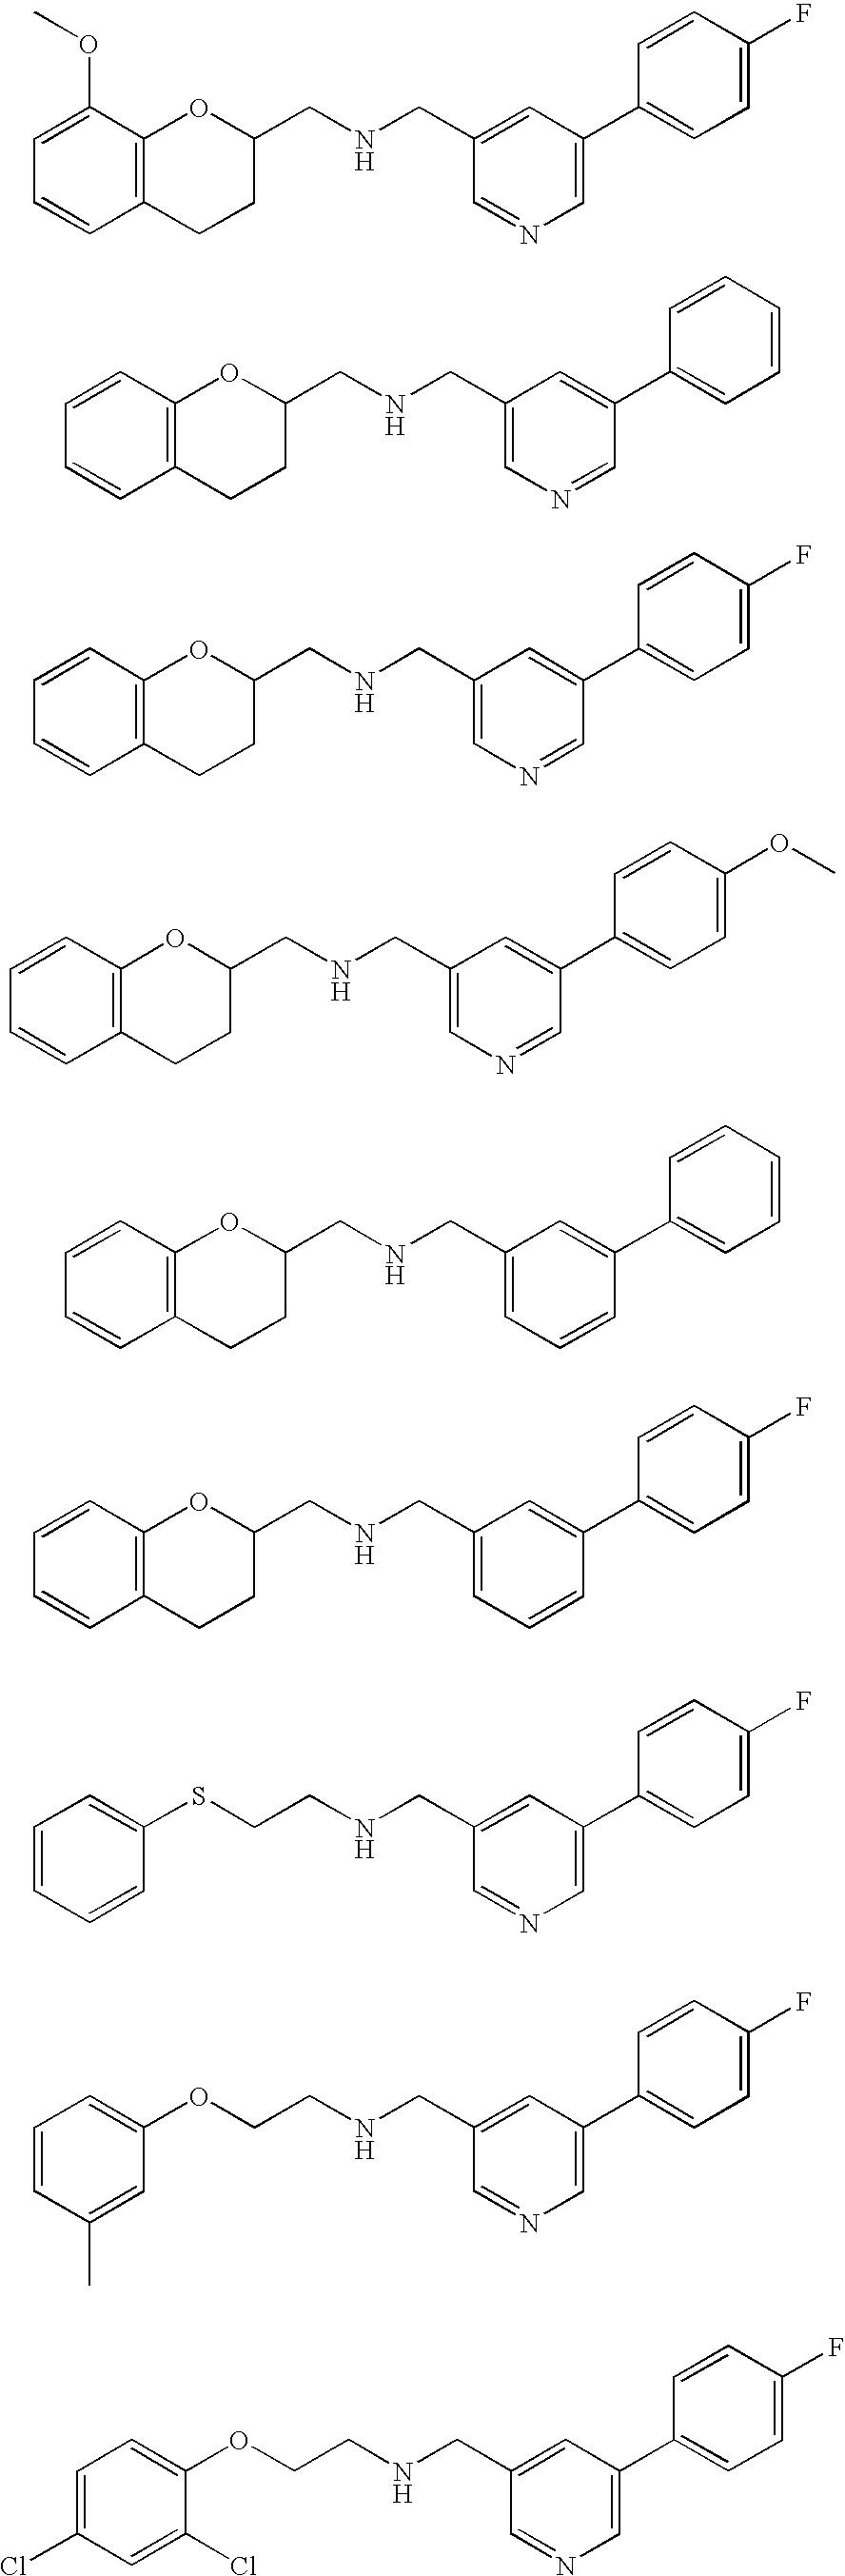 Figure US20100009983A1-20100114-C00250